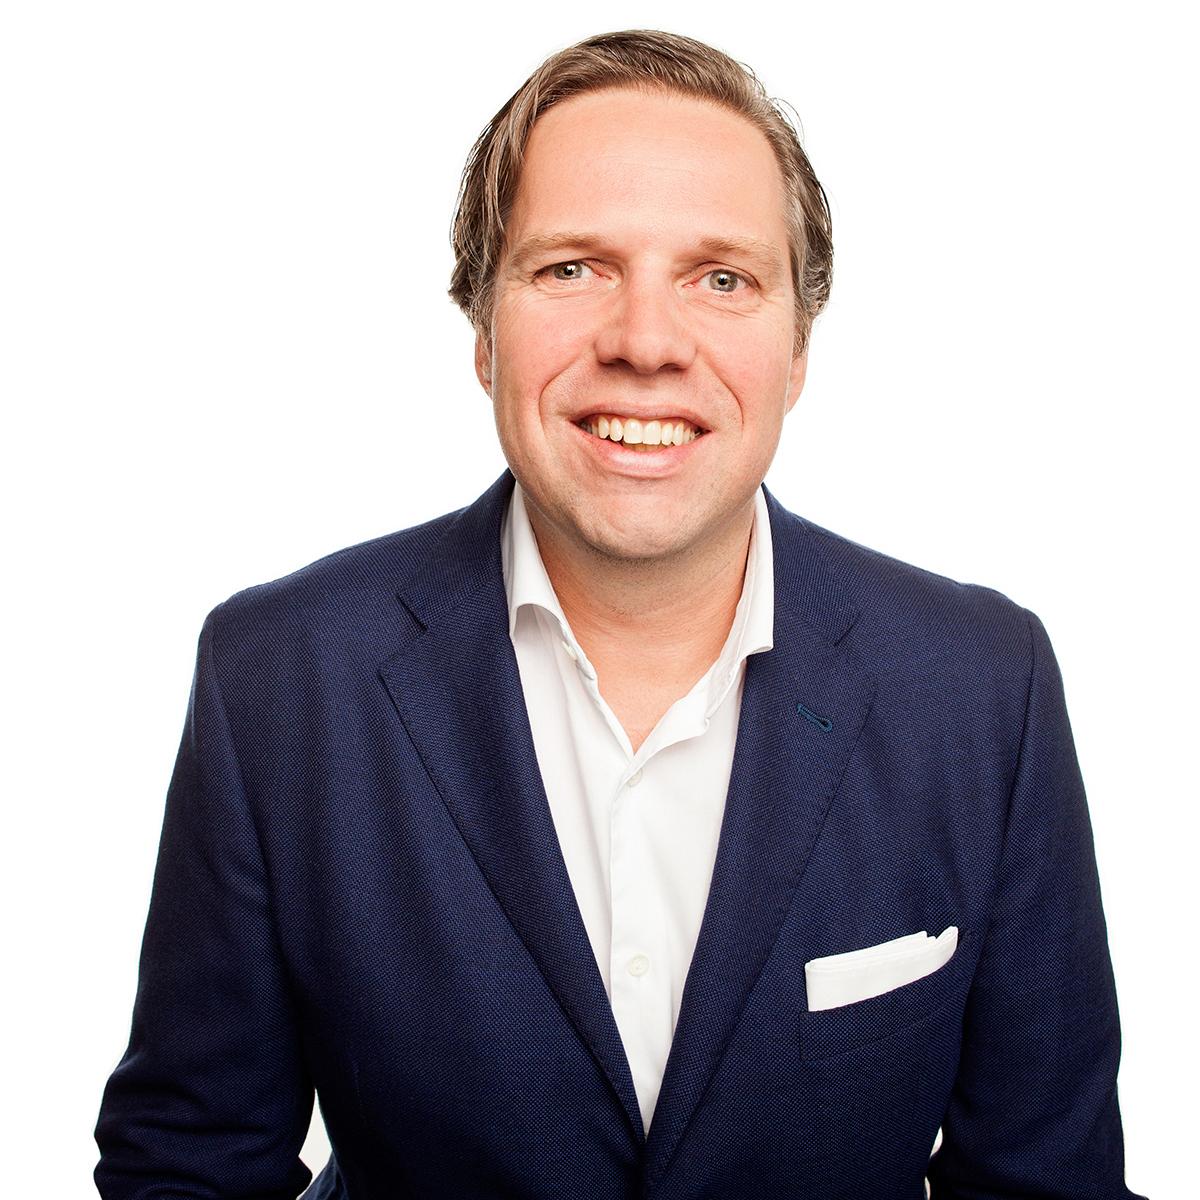 Jan Willem Gerritsen